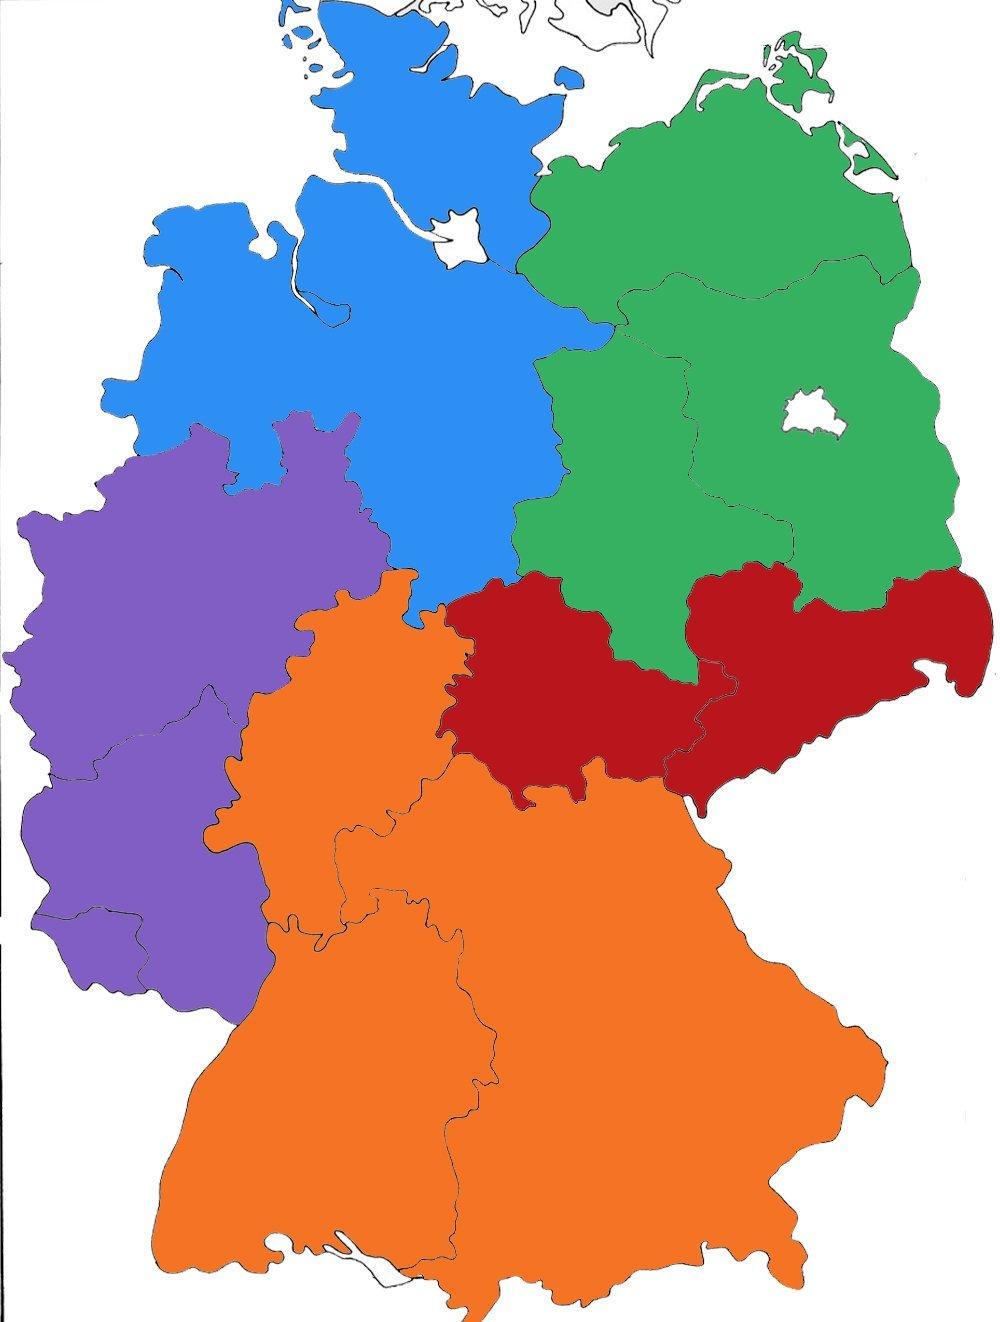 Deutschland Besteht Eigentlich Aus Fünf Völlig ganzes Deutschlandkarte Mit Bundesländern Und Städten